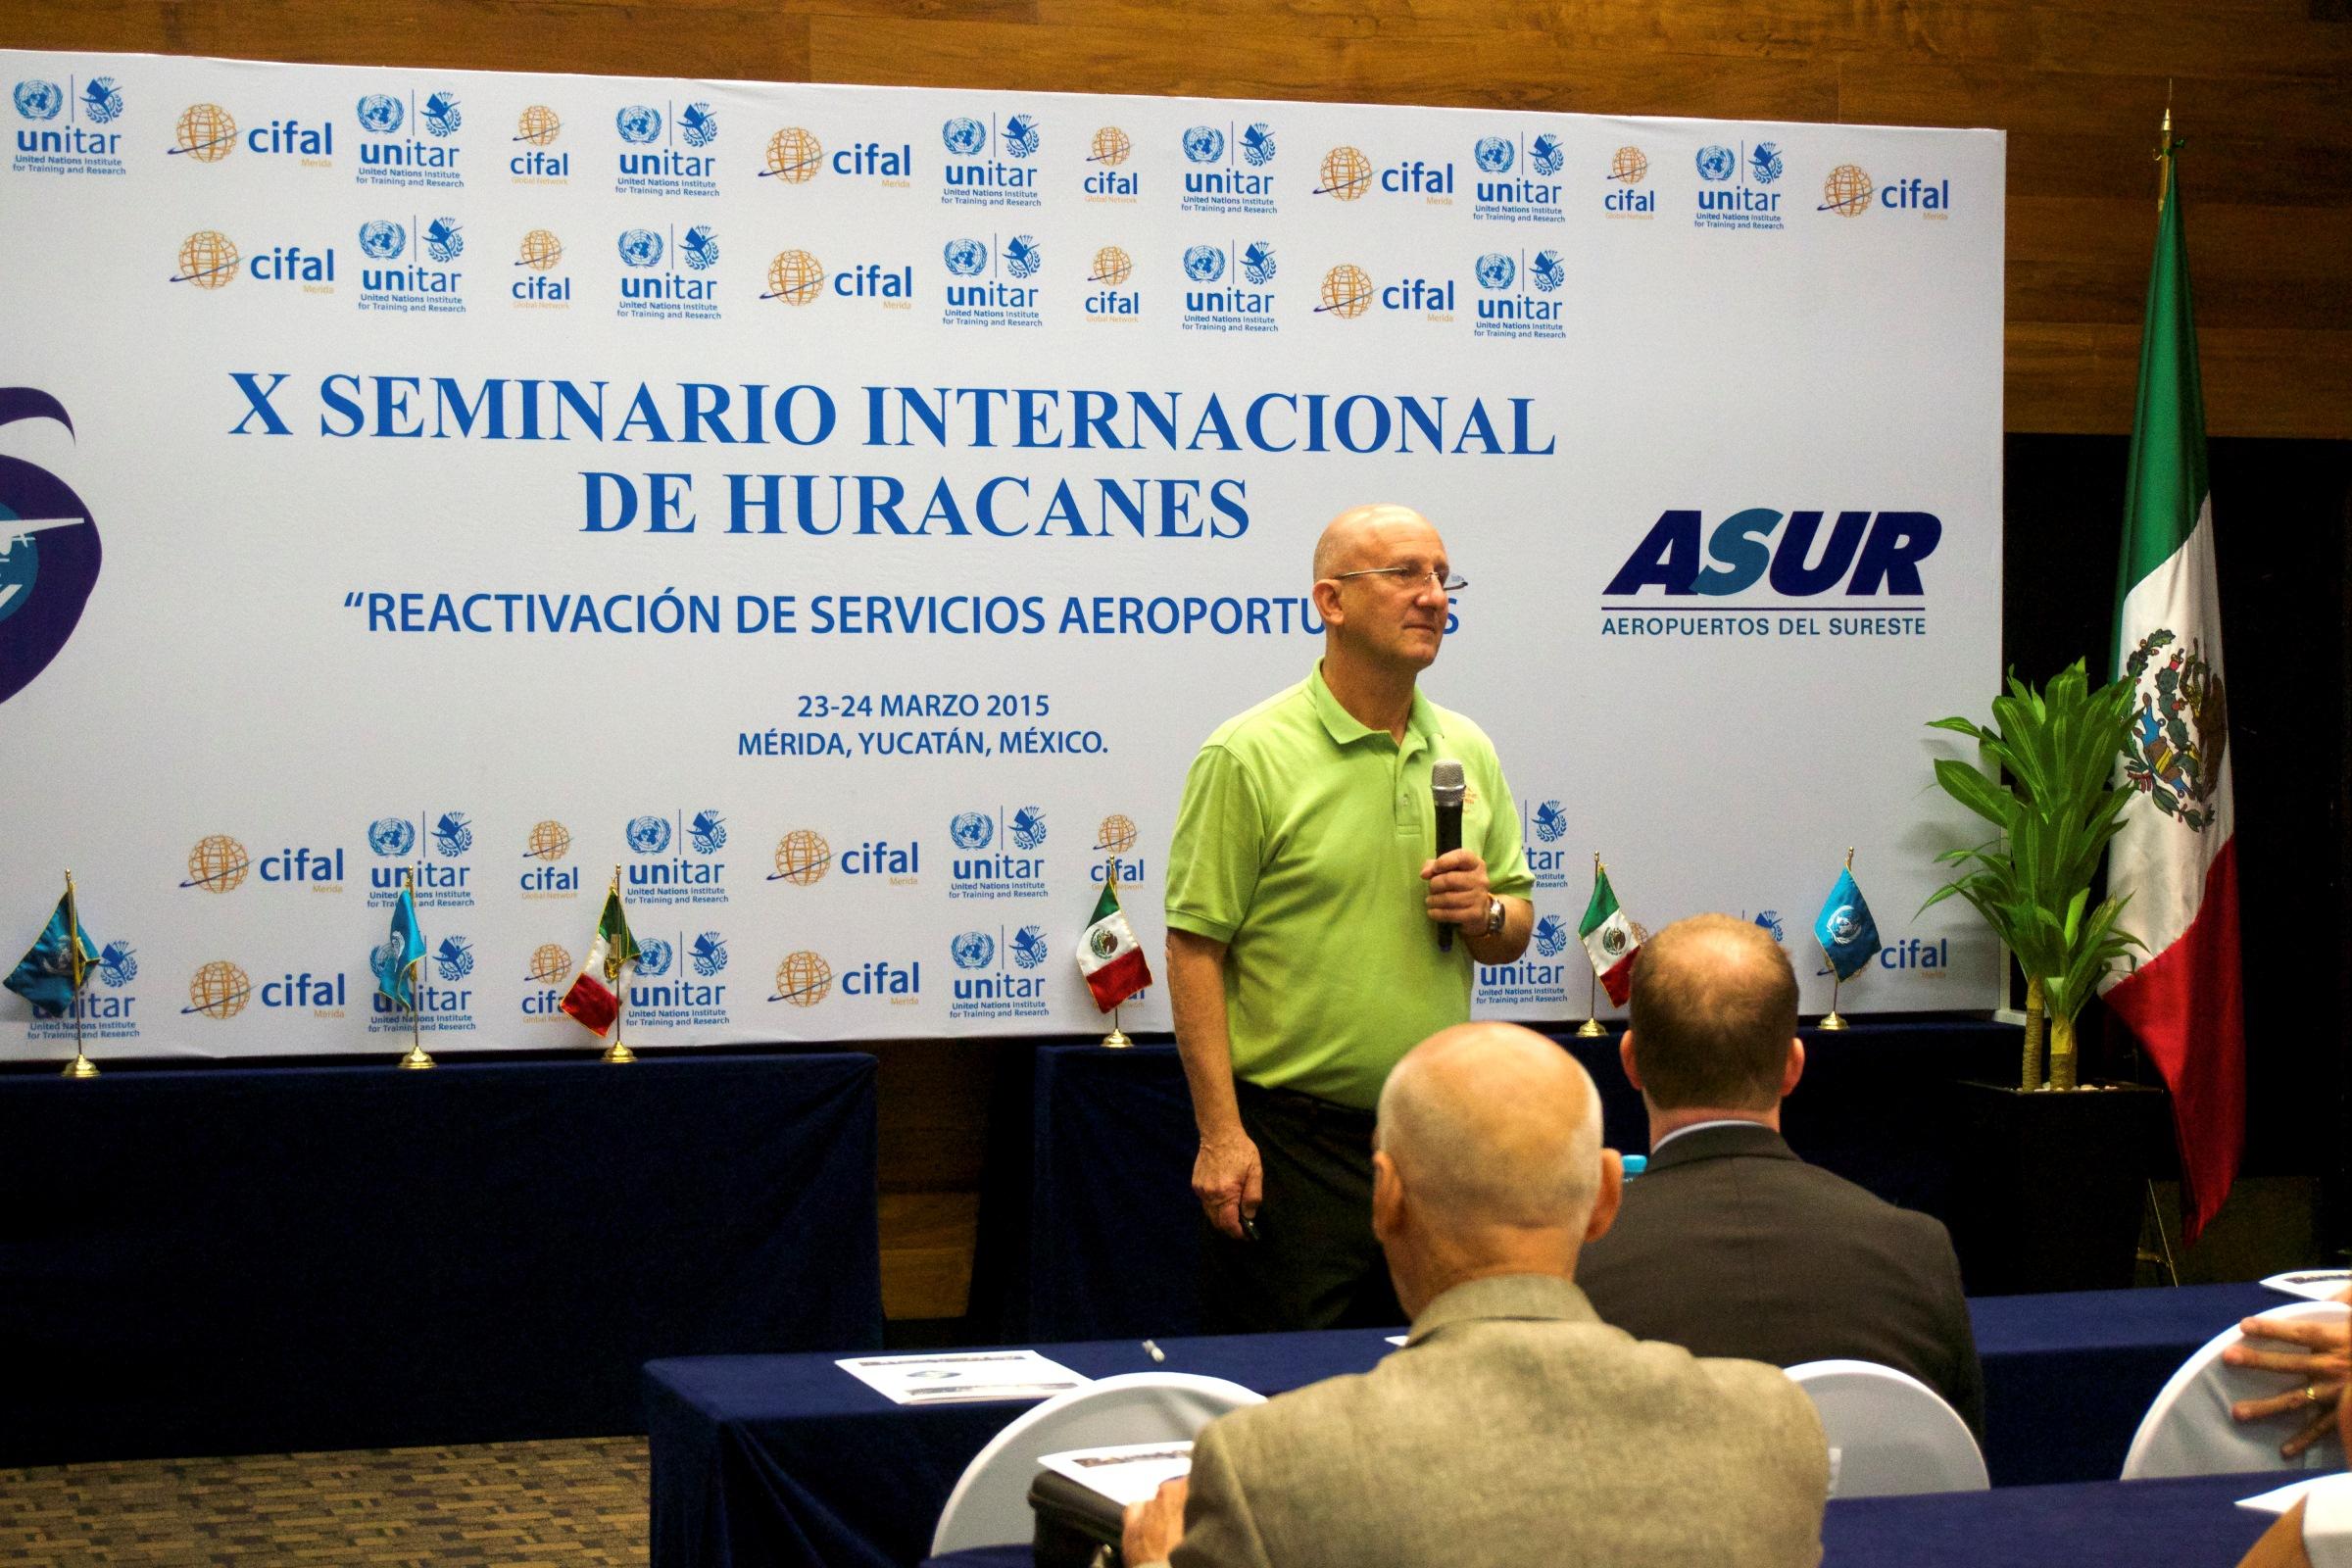 Huracanes 2015 - 79.jpg